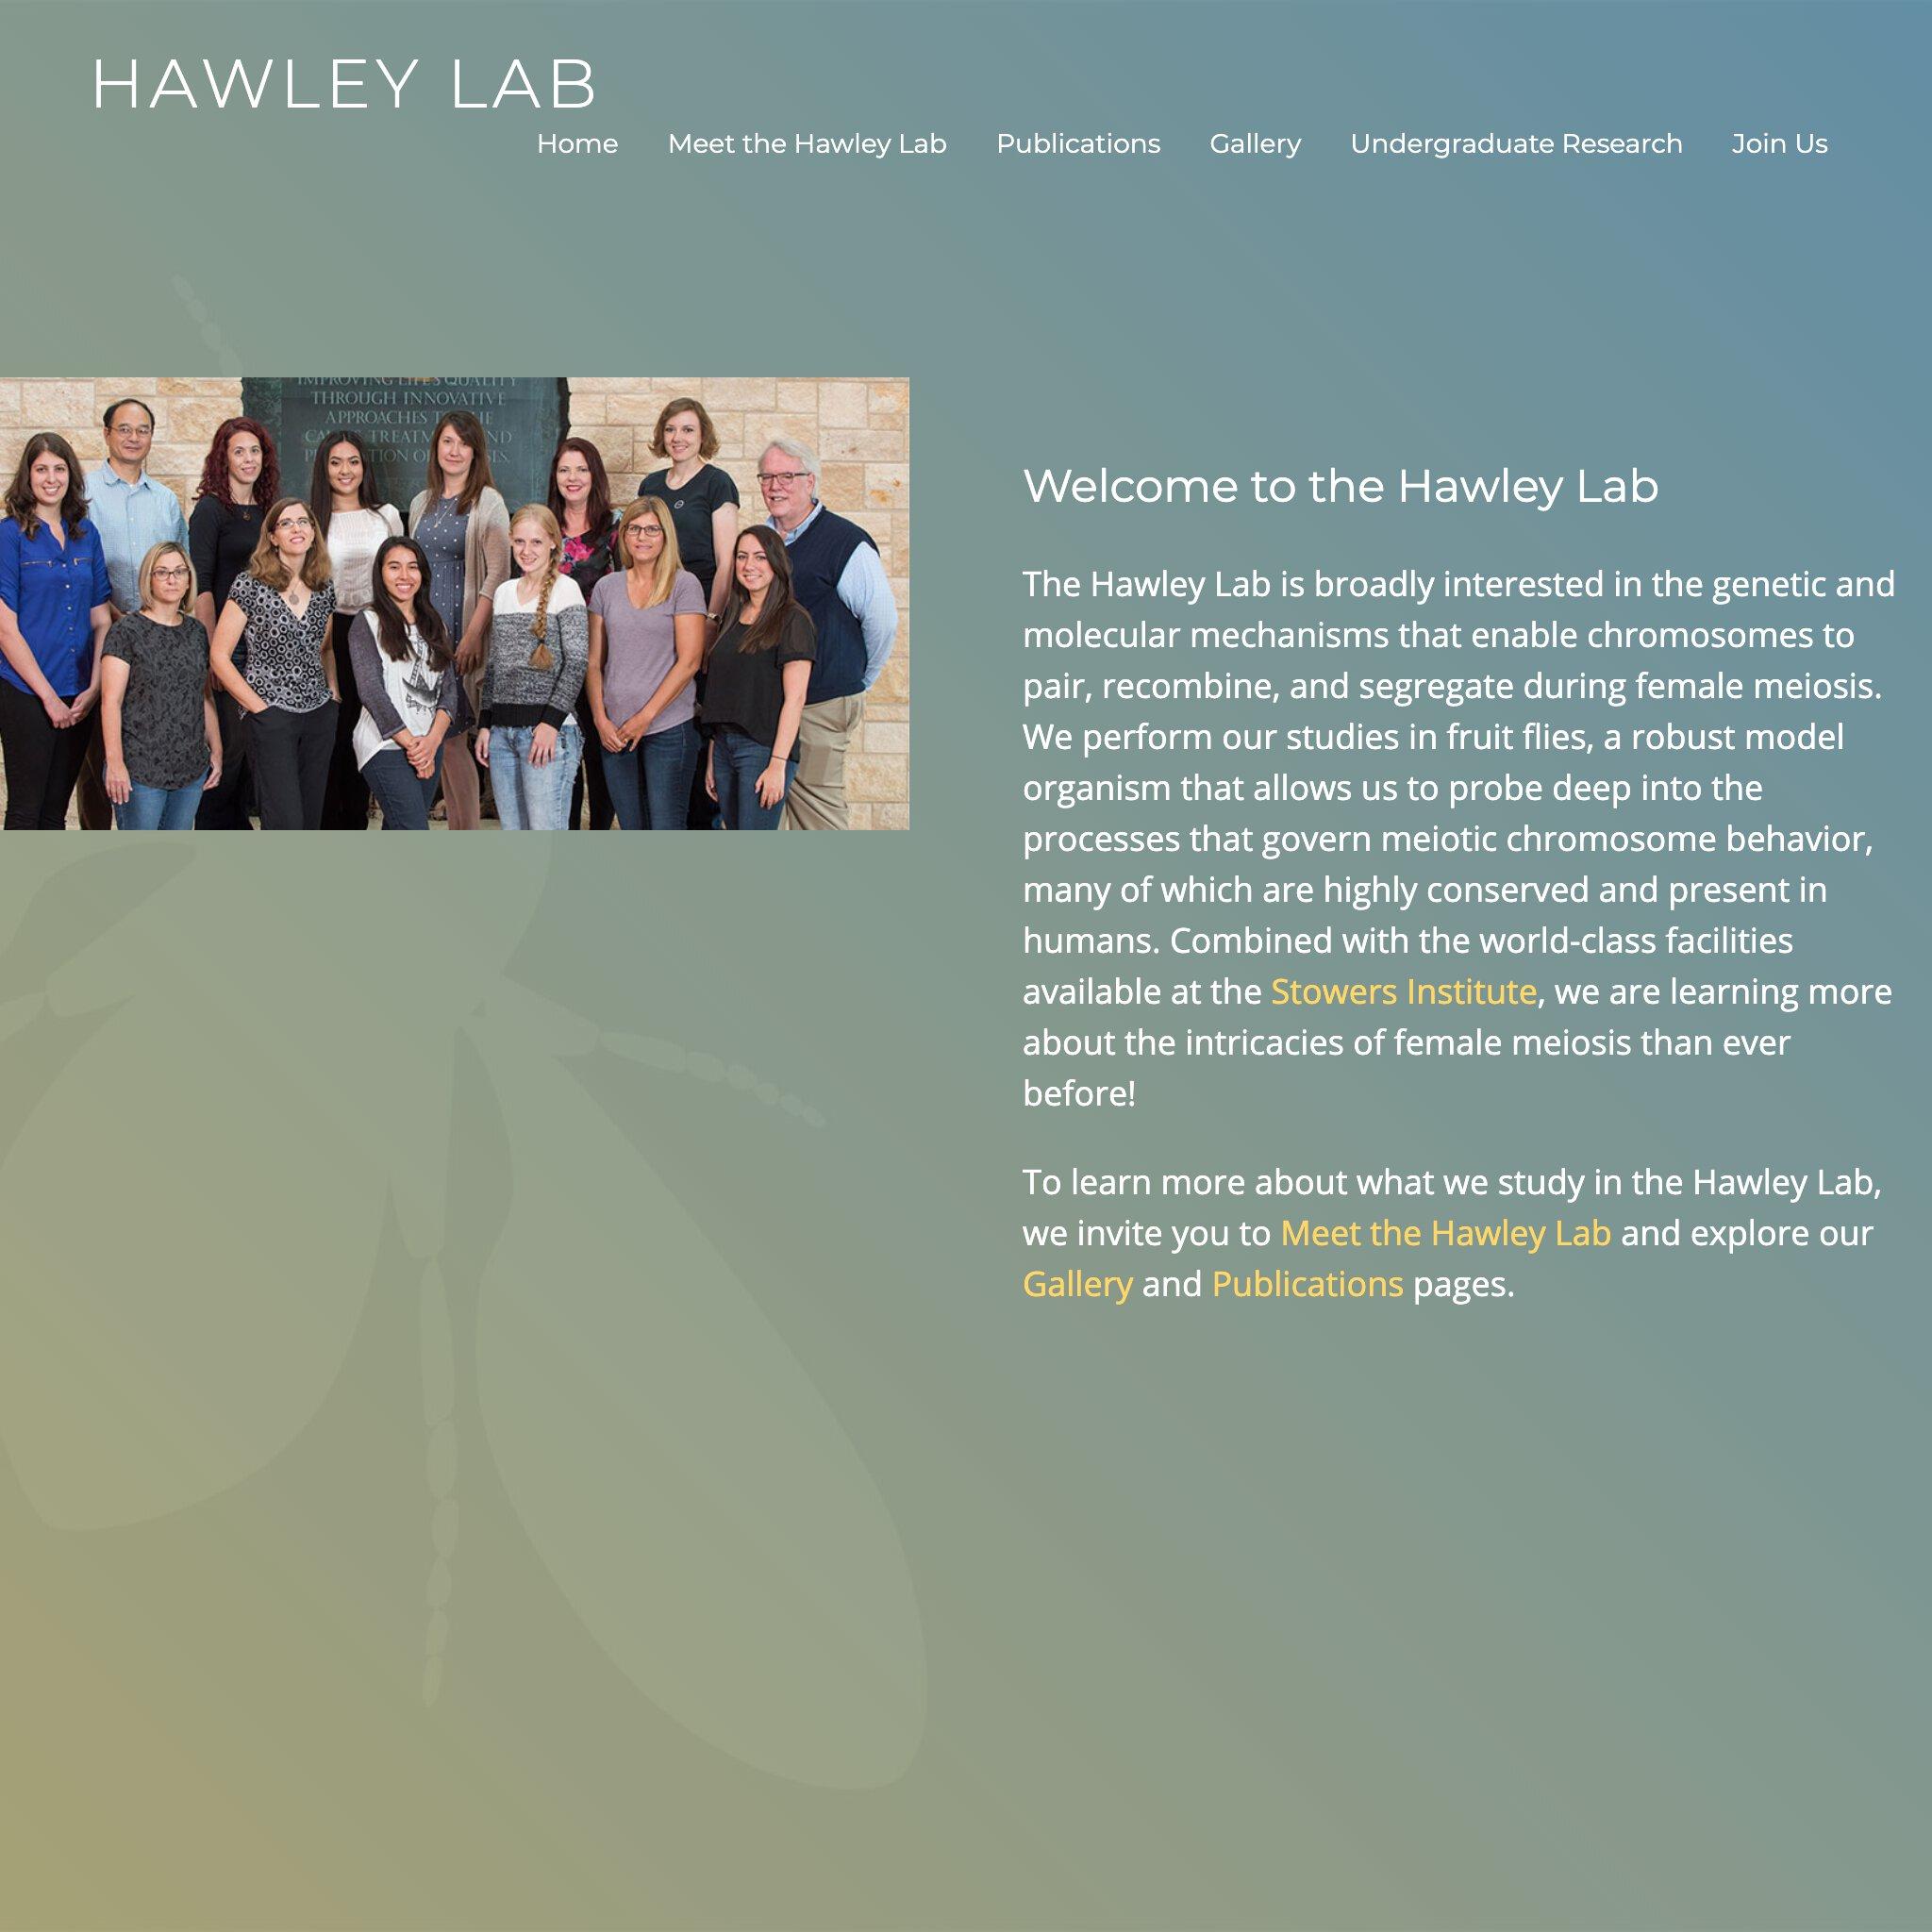 Hawley lab